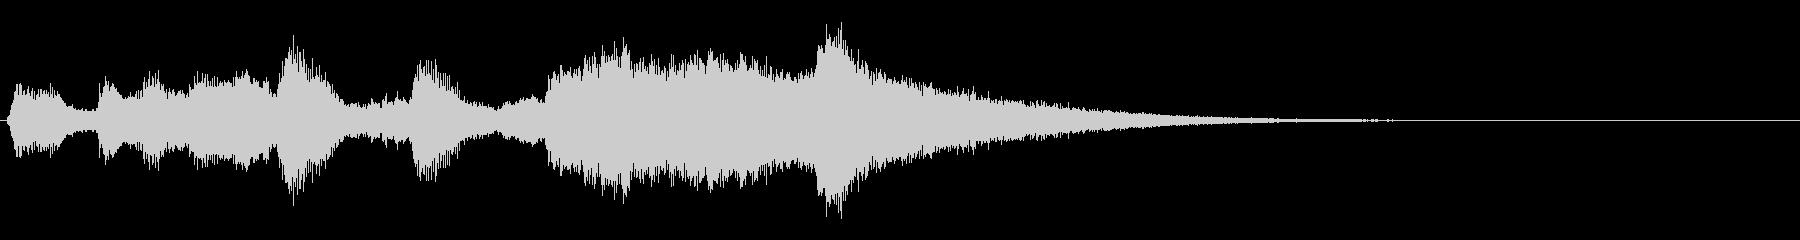 トランペットと打楽器のファンファーレの未再生の波形